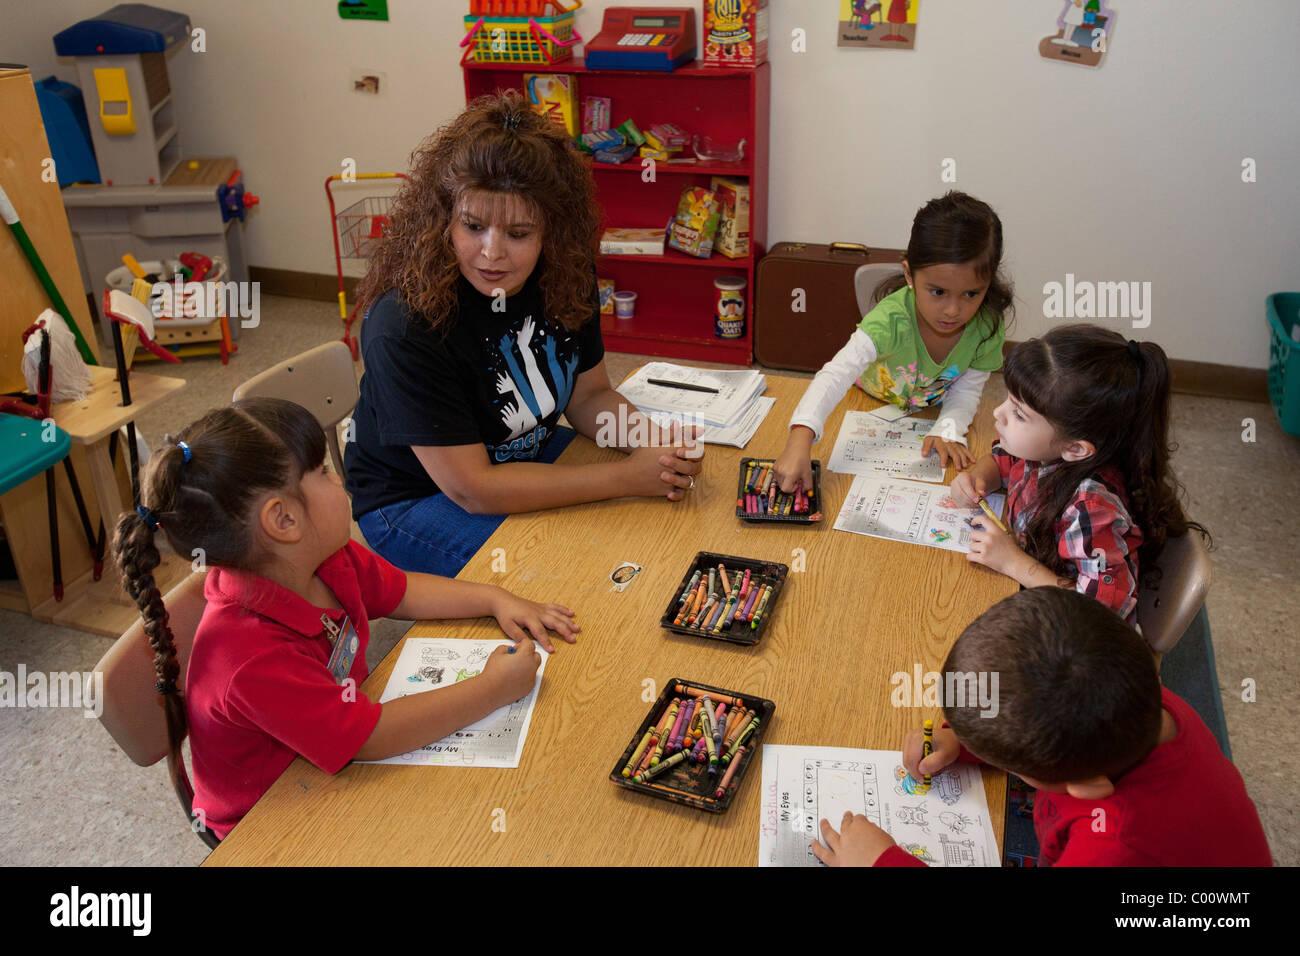 Pre-Kindergarten Classroom - Stock Image